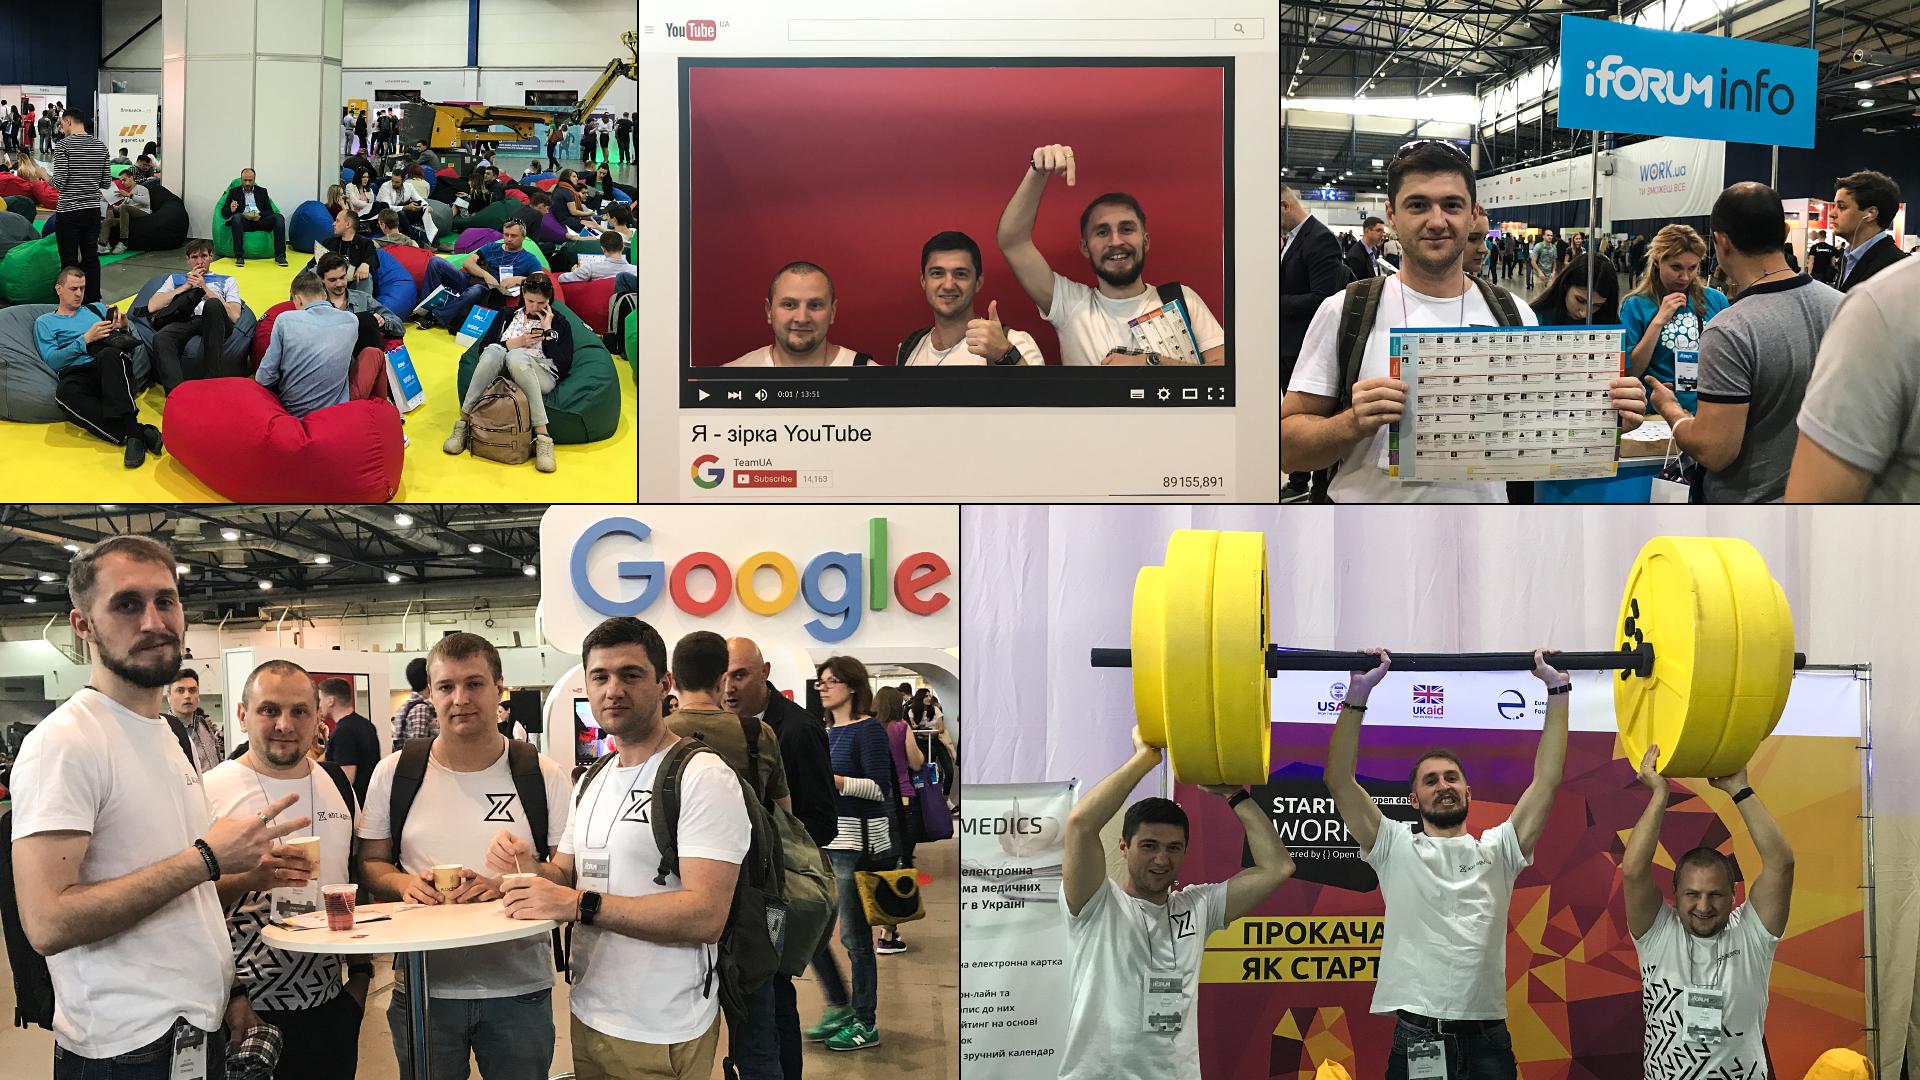 Большое ИТ-коммьюнити на конференции iForum 2017 (Киев) - 4